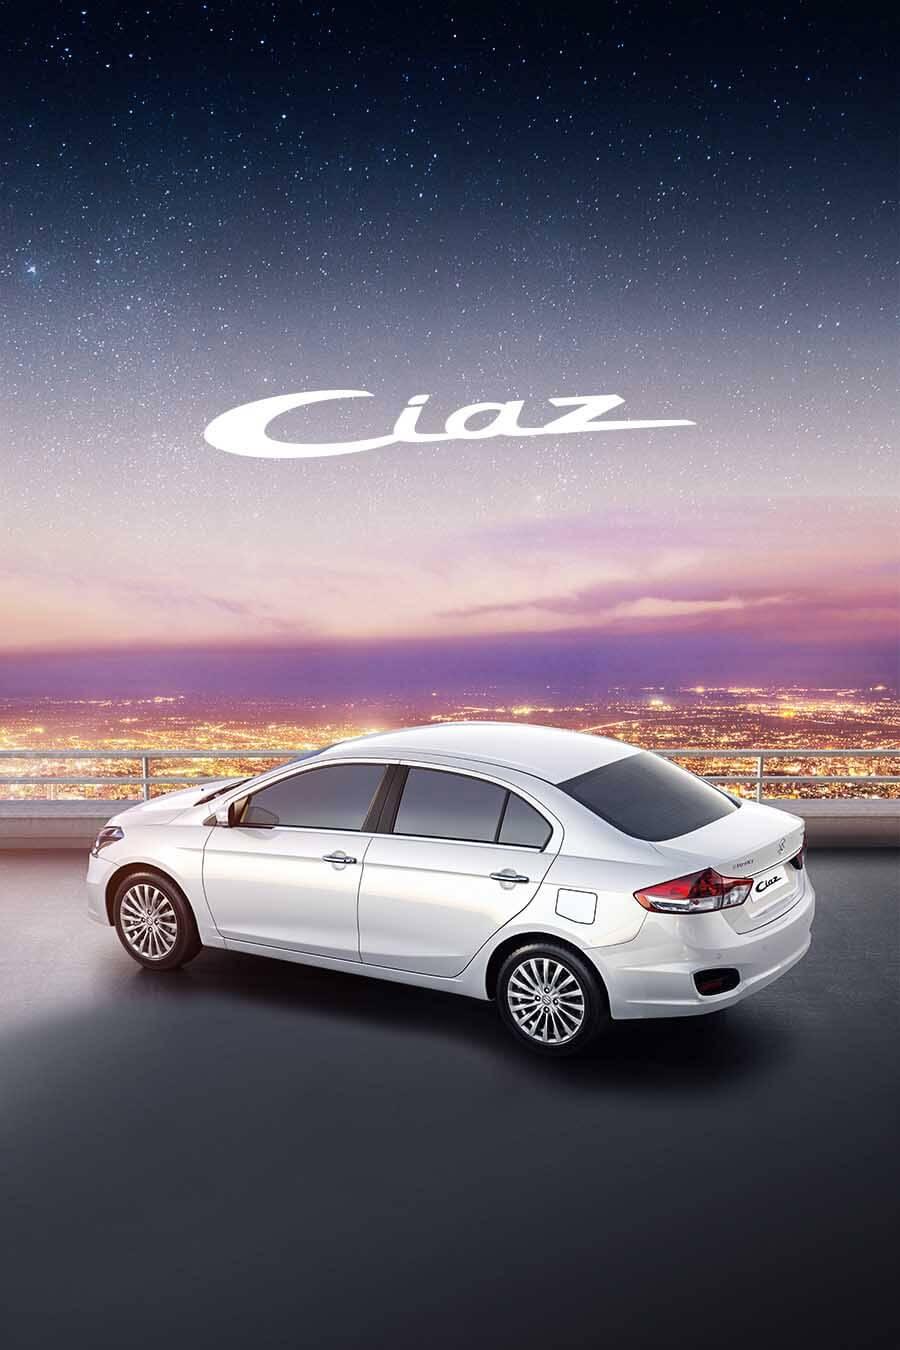 Suzuki-Ciaz-Mobile-01